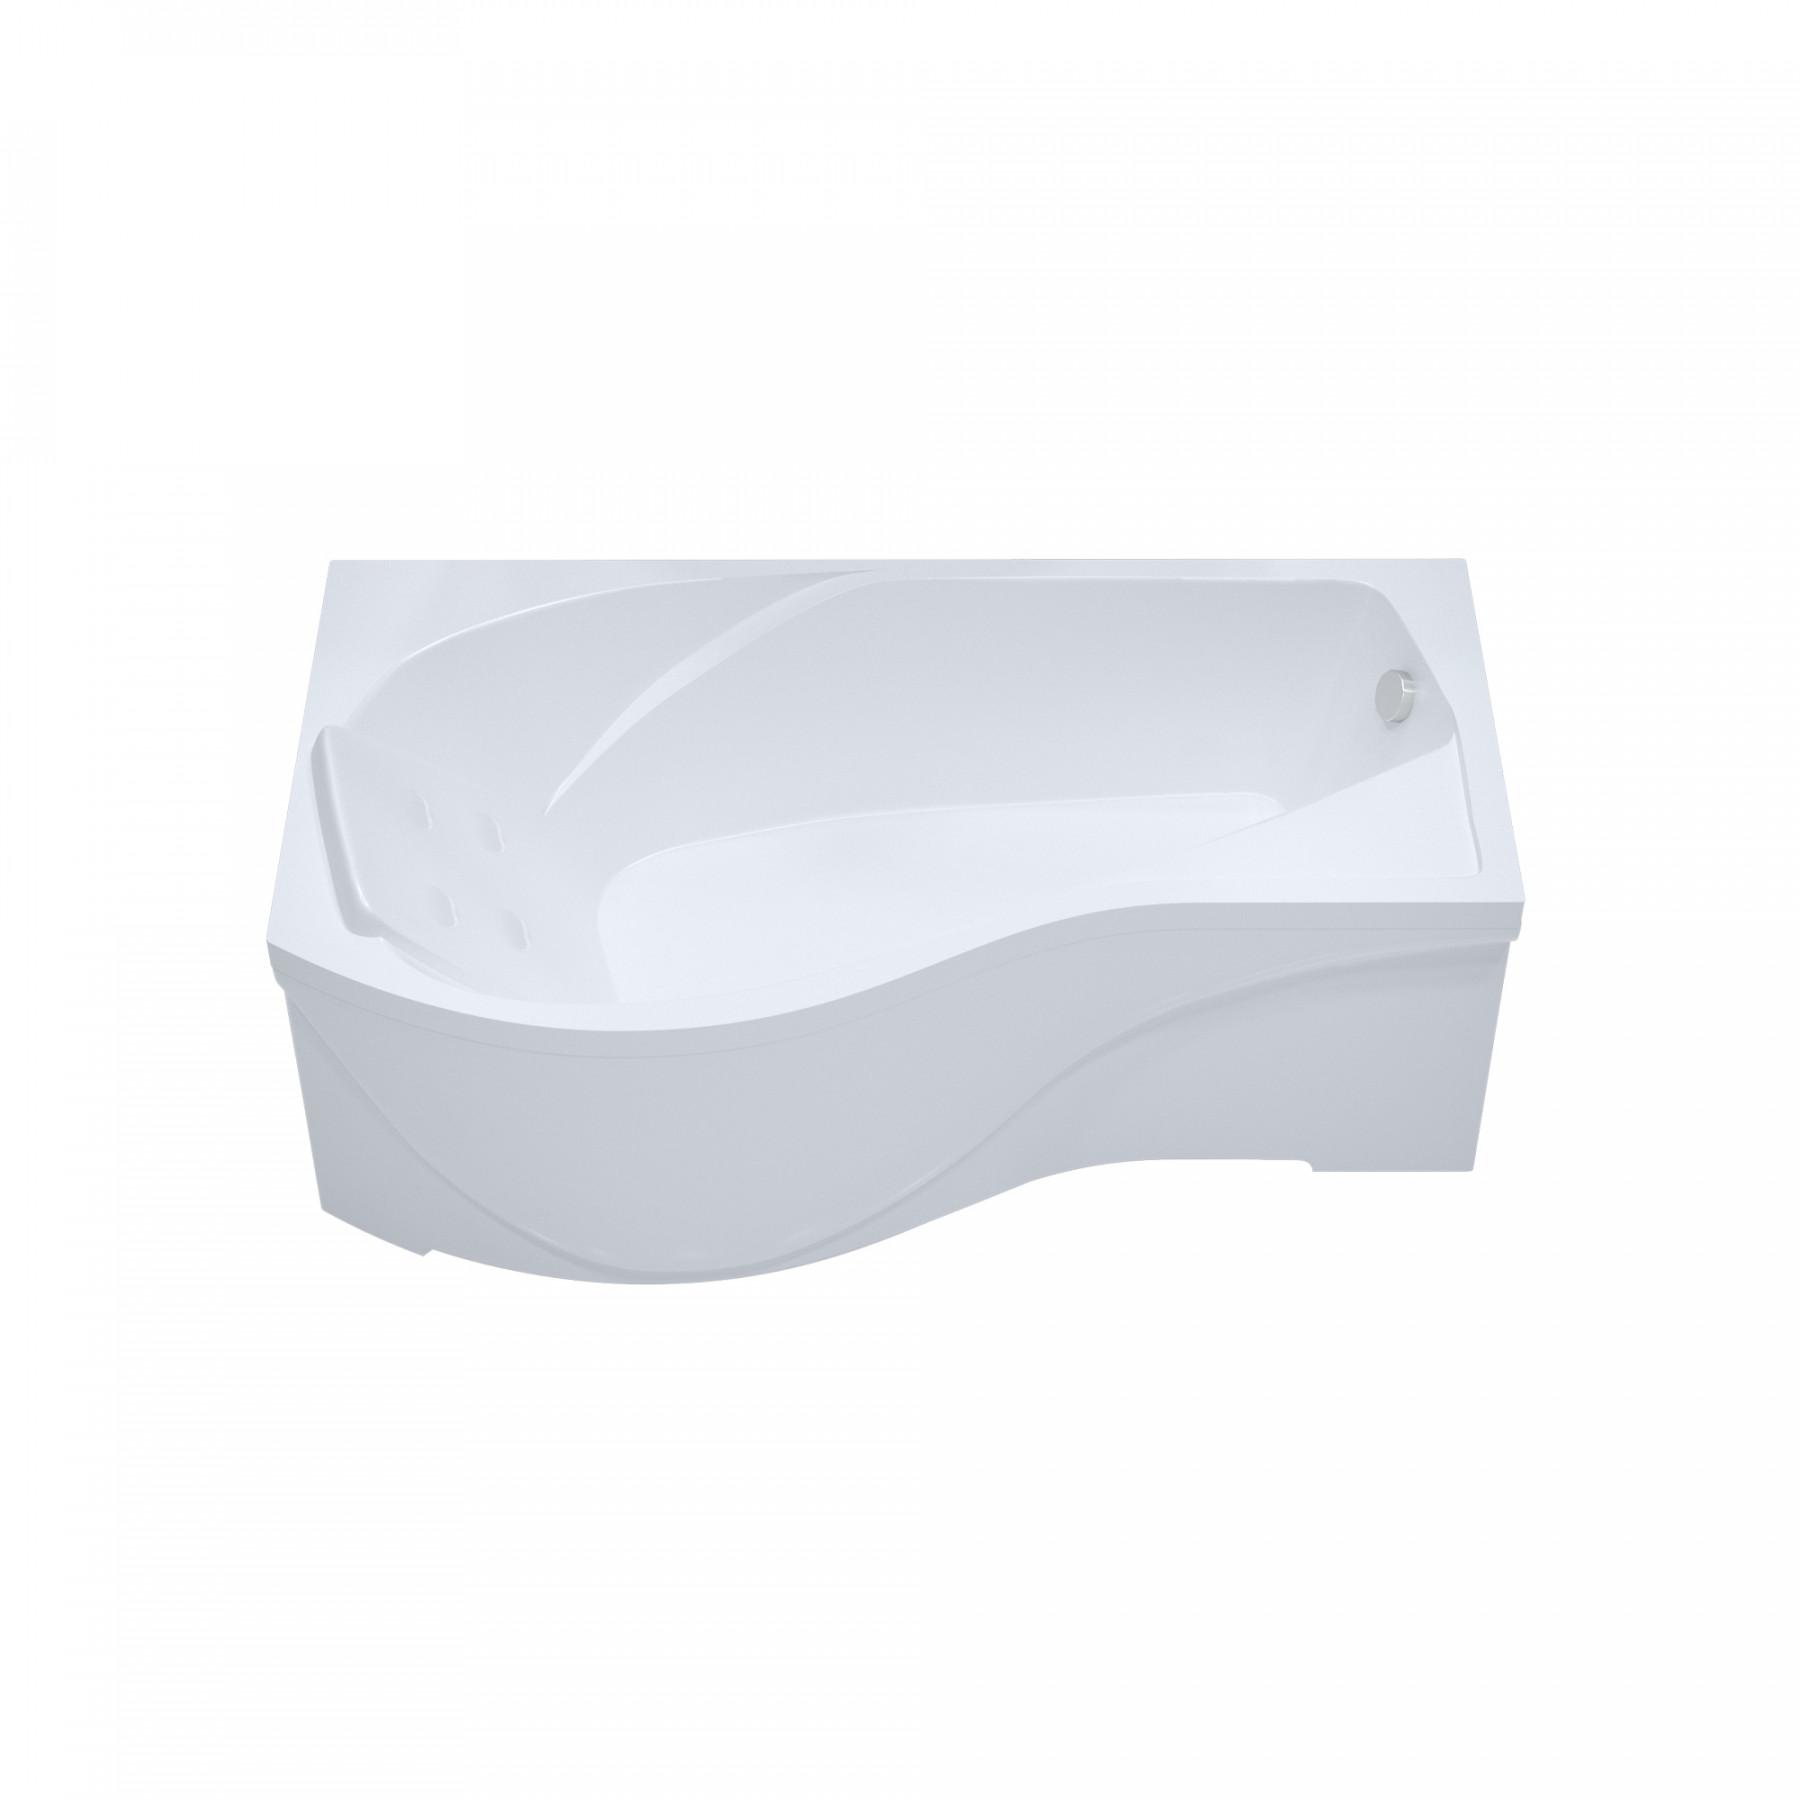 Акриловая ванна Triton Мишель 180x96 правая